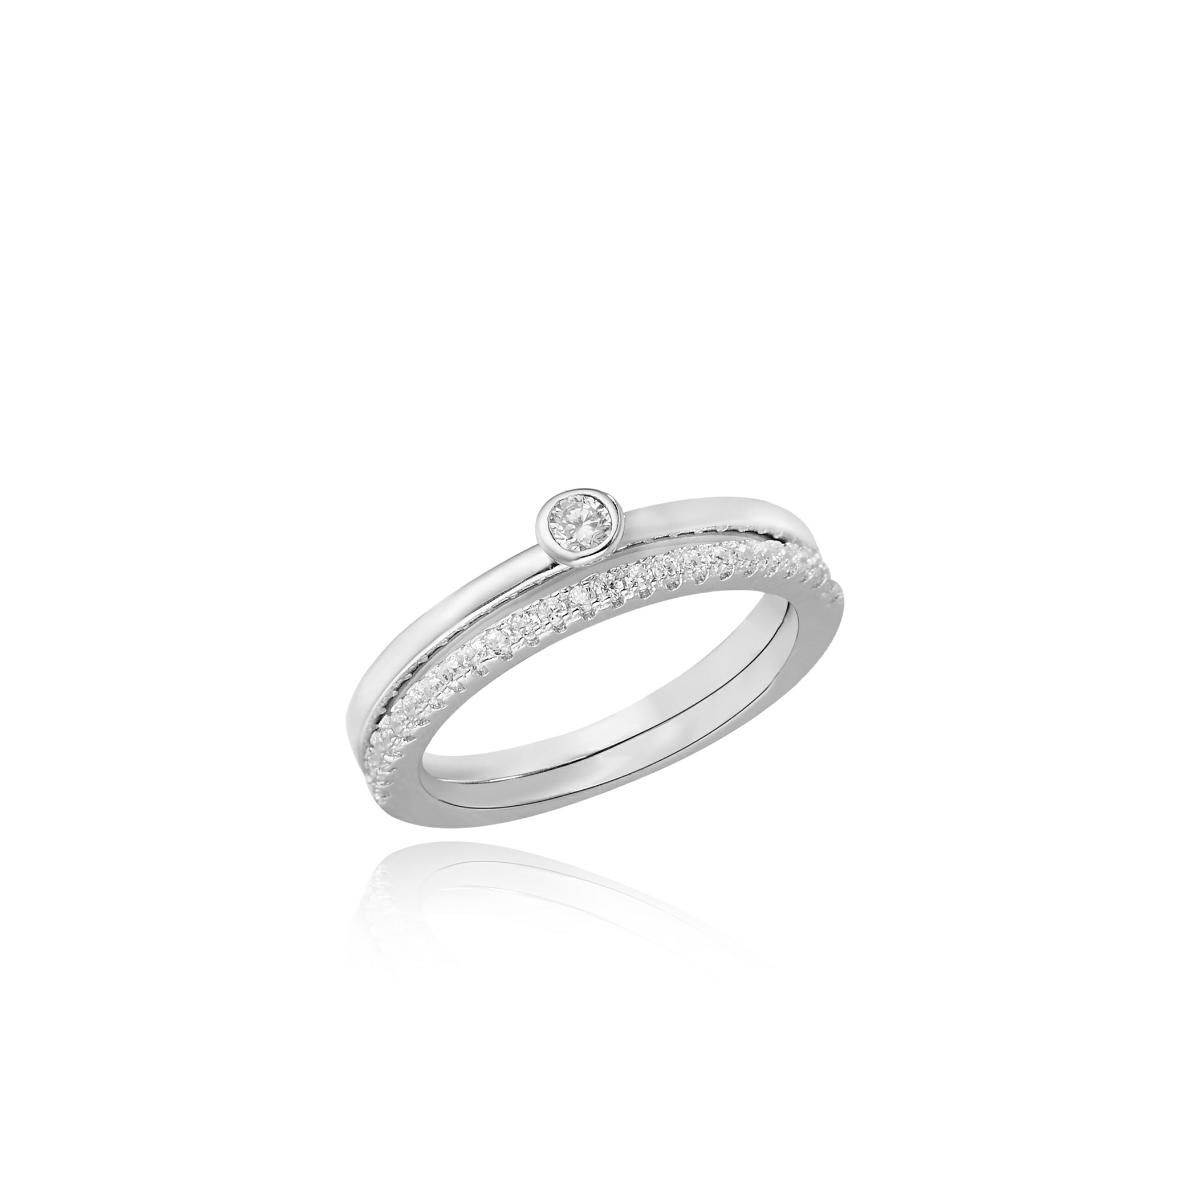 טבעת LAYLA מכסף 925